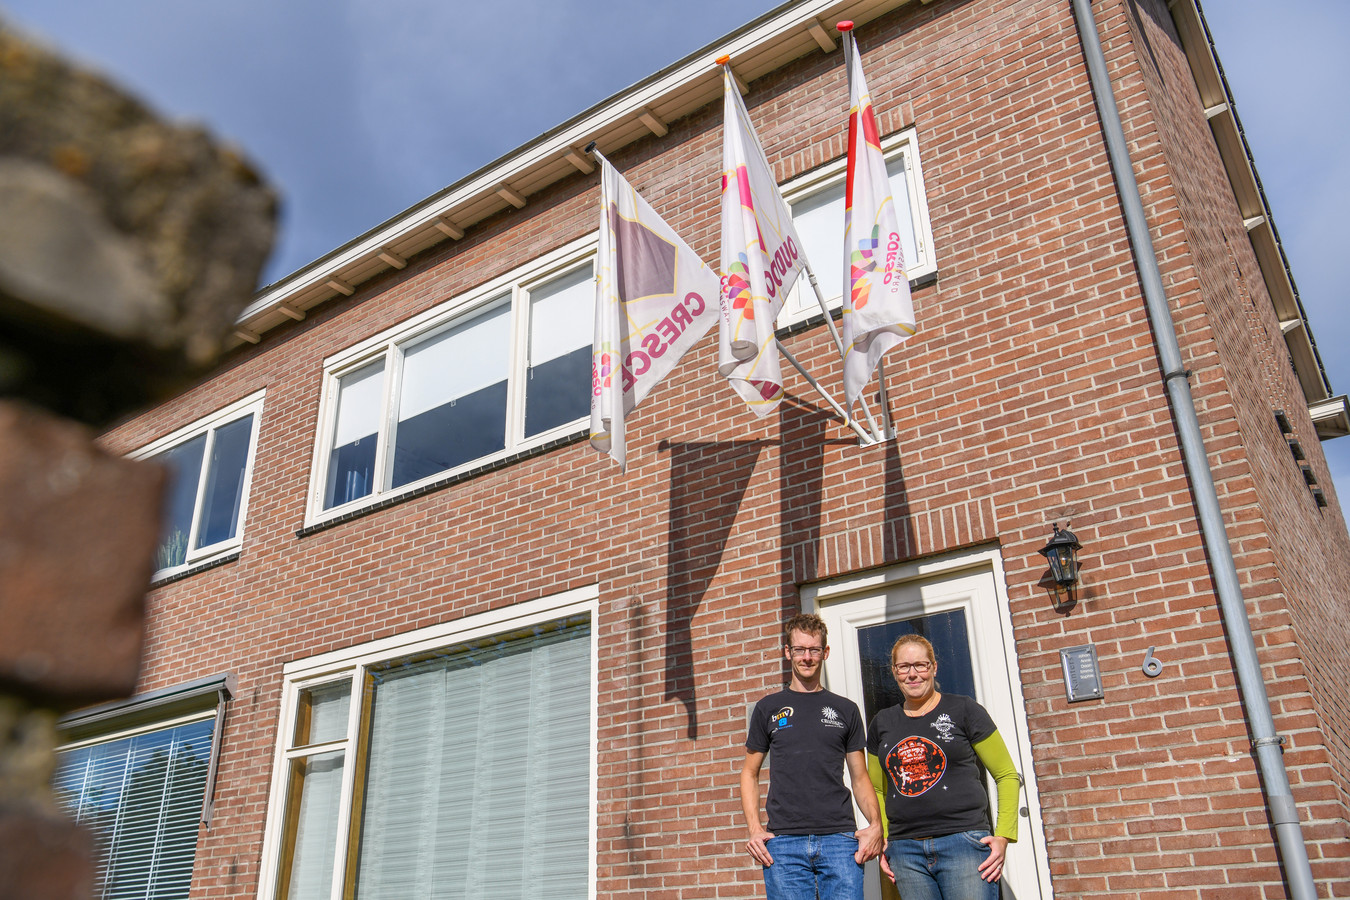 Johan en Anne Kanters, met drie vlaggen van de verschillende buurtschappen aan hun woning.